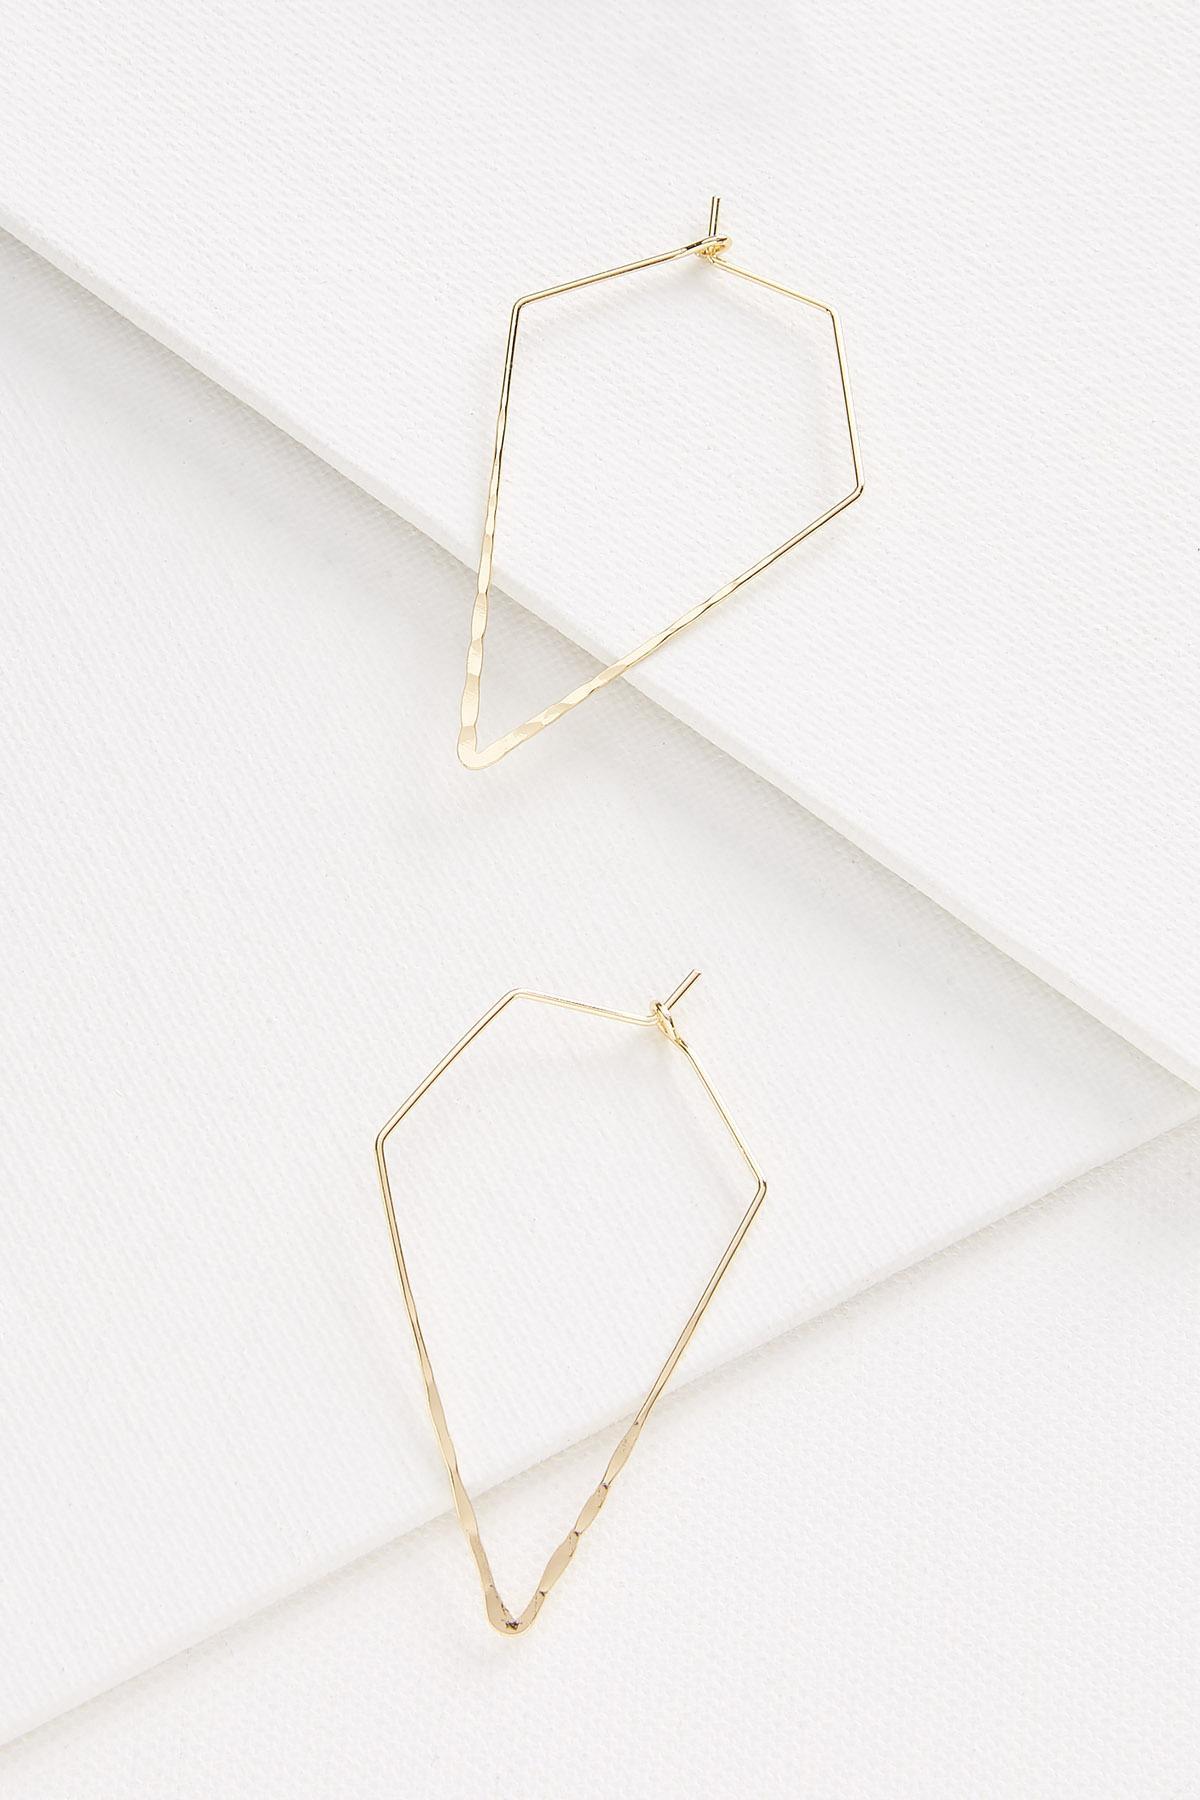 Triangular Metal Earrings